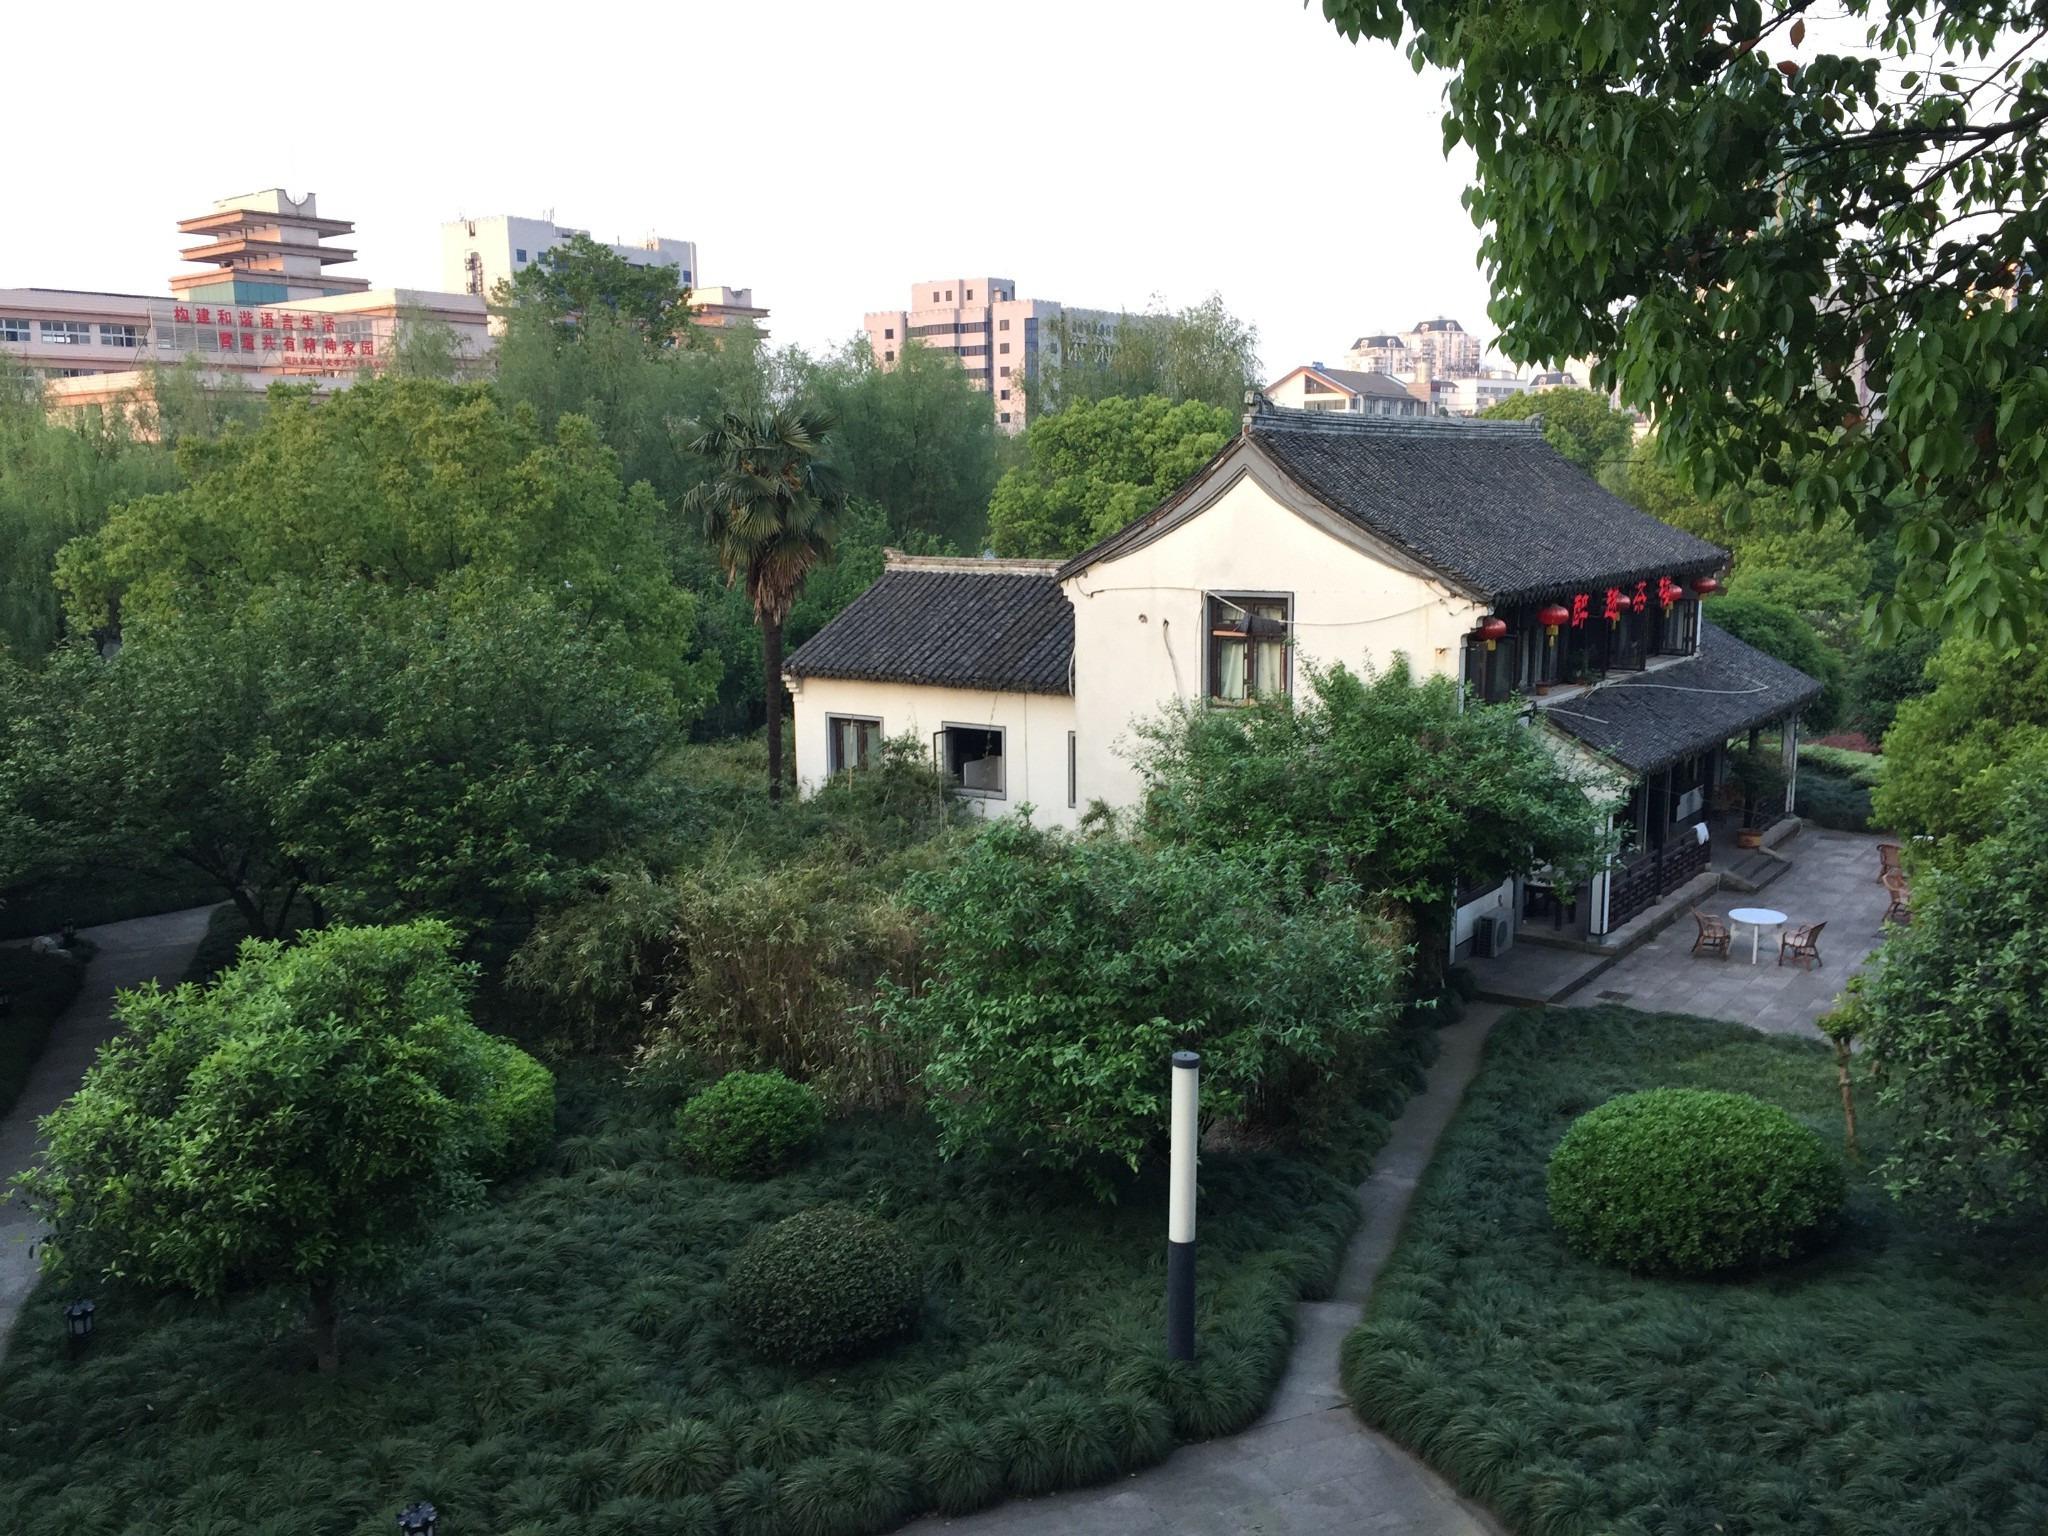 酒店建筑外形继承了江南古典园林特色.